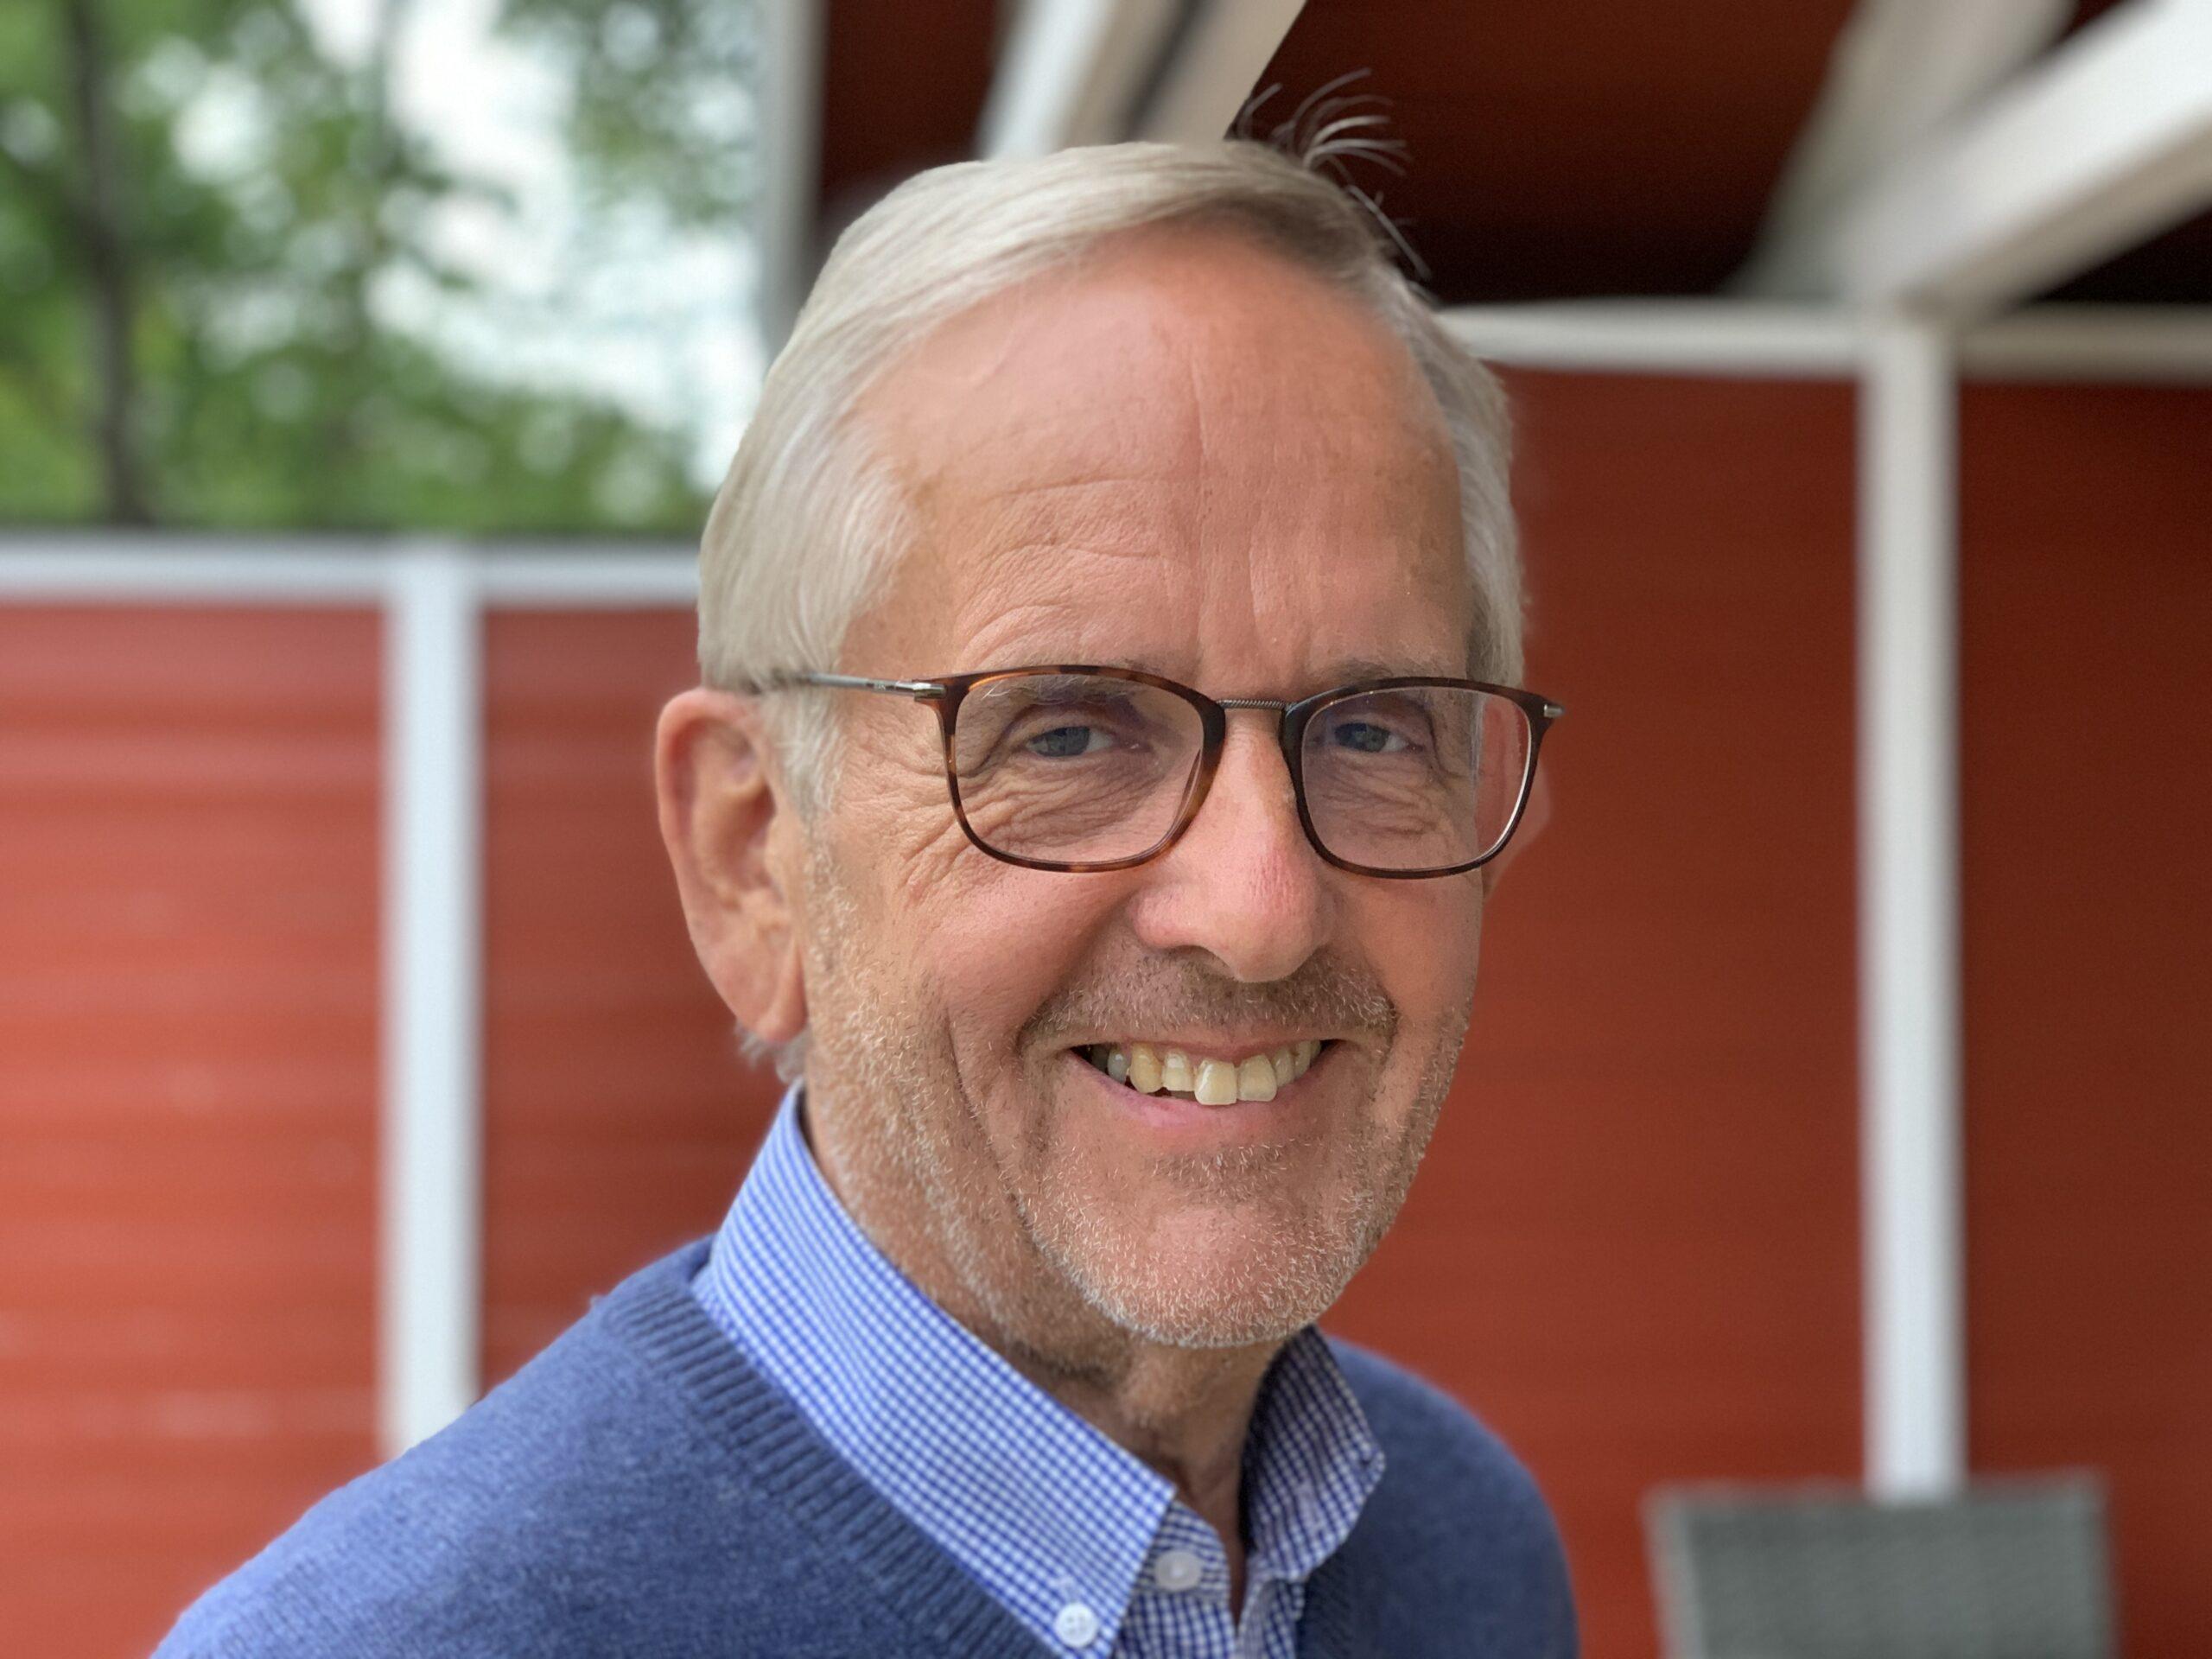 Foto des Autors Klaus-Günther Pache